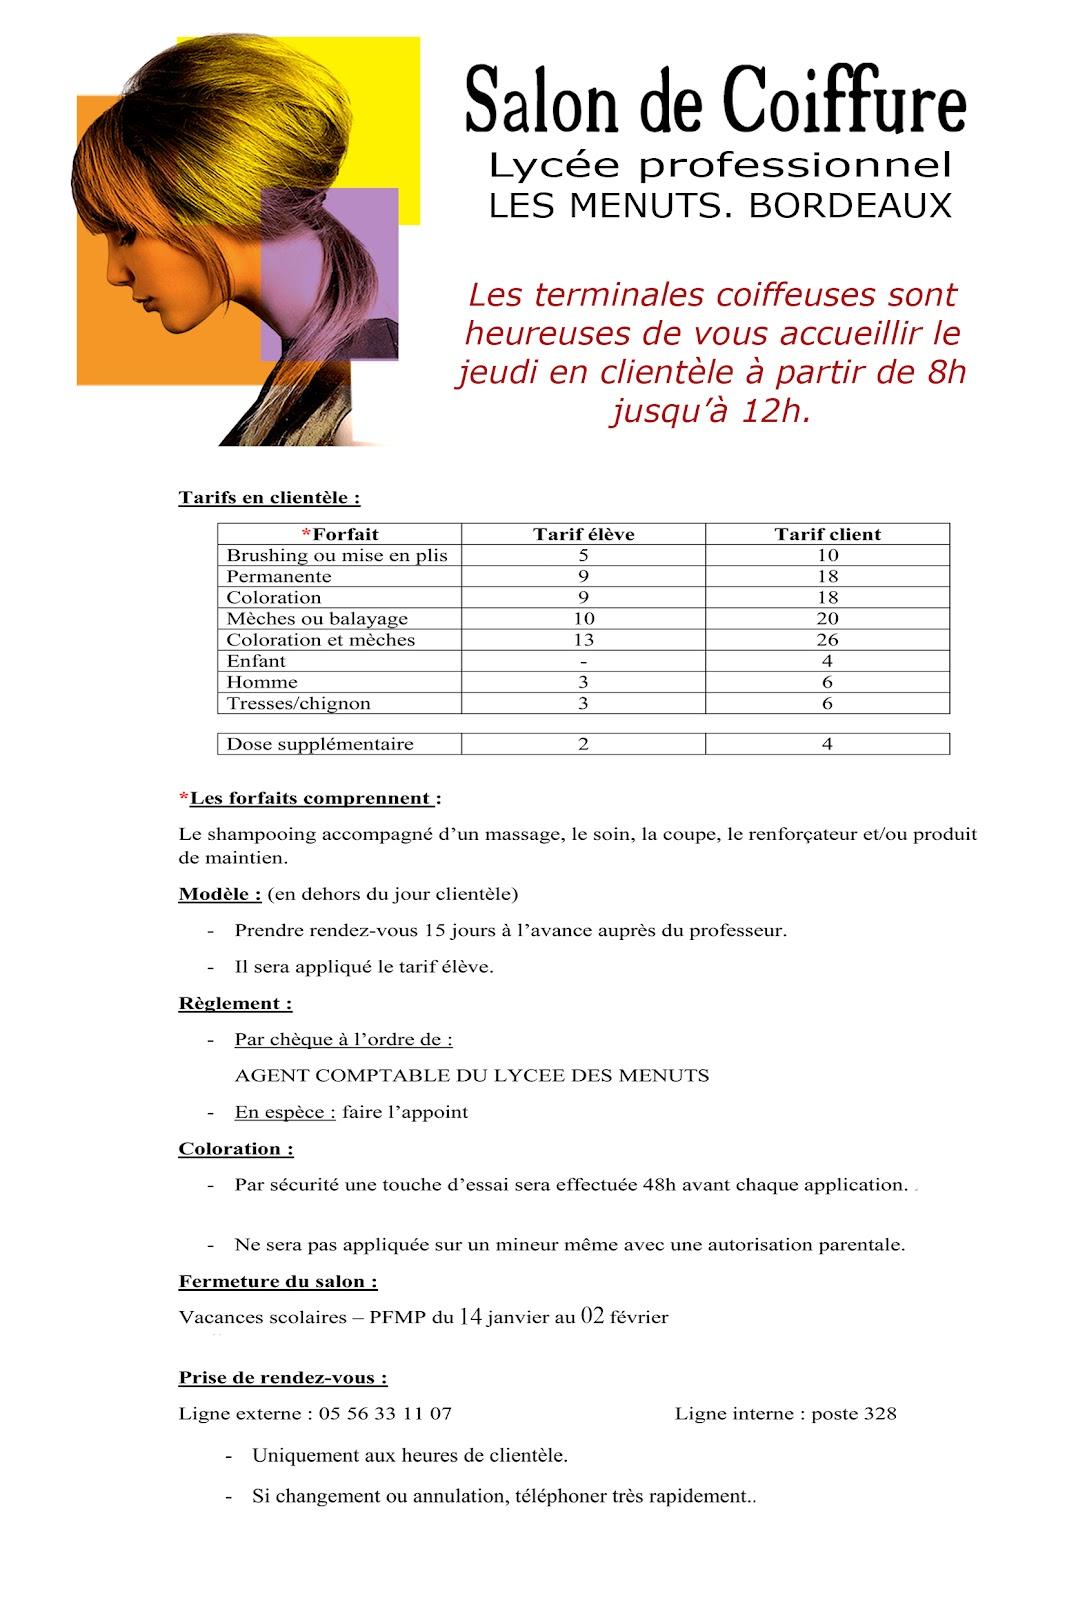 Lyc e professionnel les menuts bordeaux coiffure for Salon professionnel bordeaux